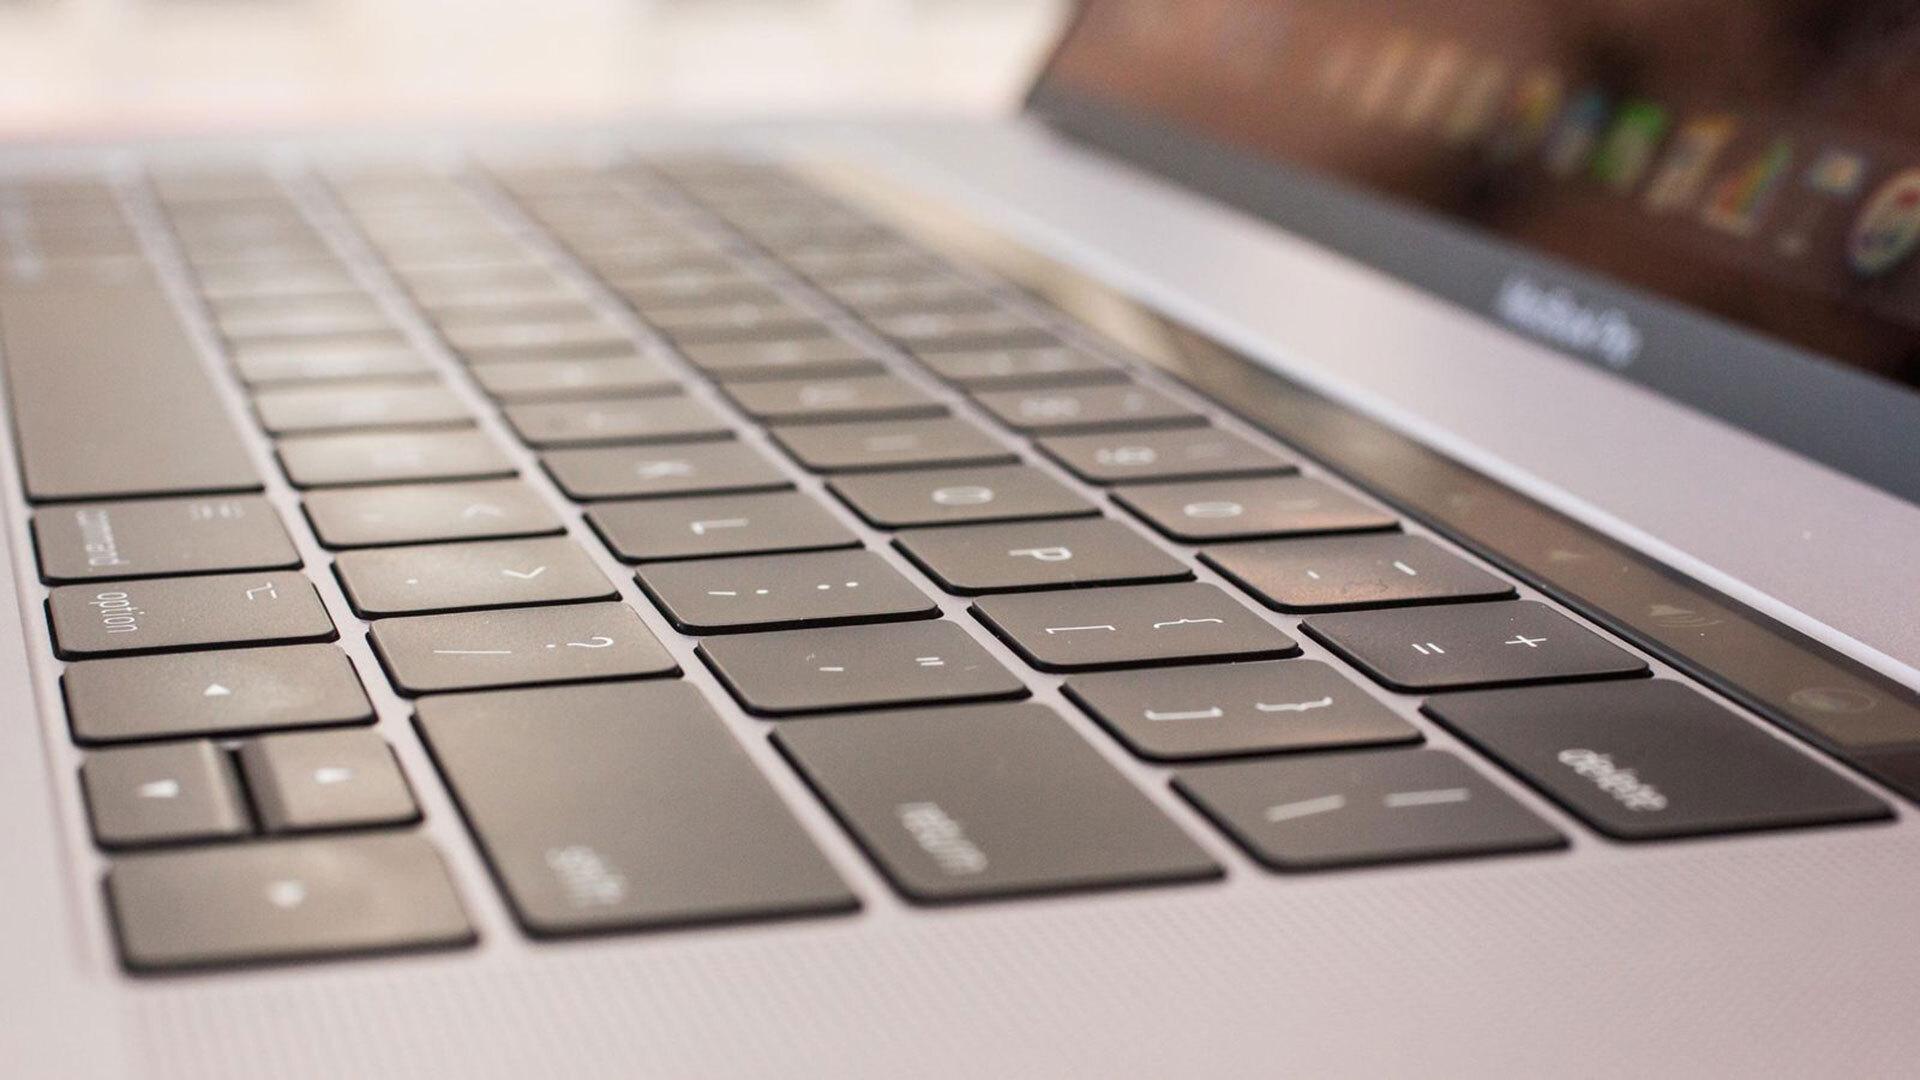 Apple запатентовала клавиатуру из сенсорного дисплея для ноутбуков